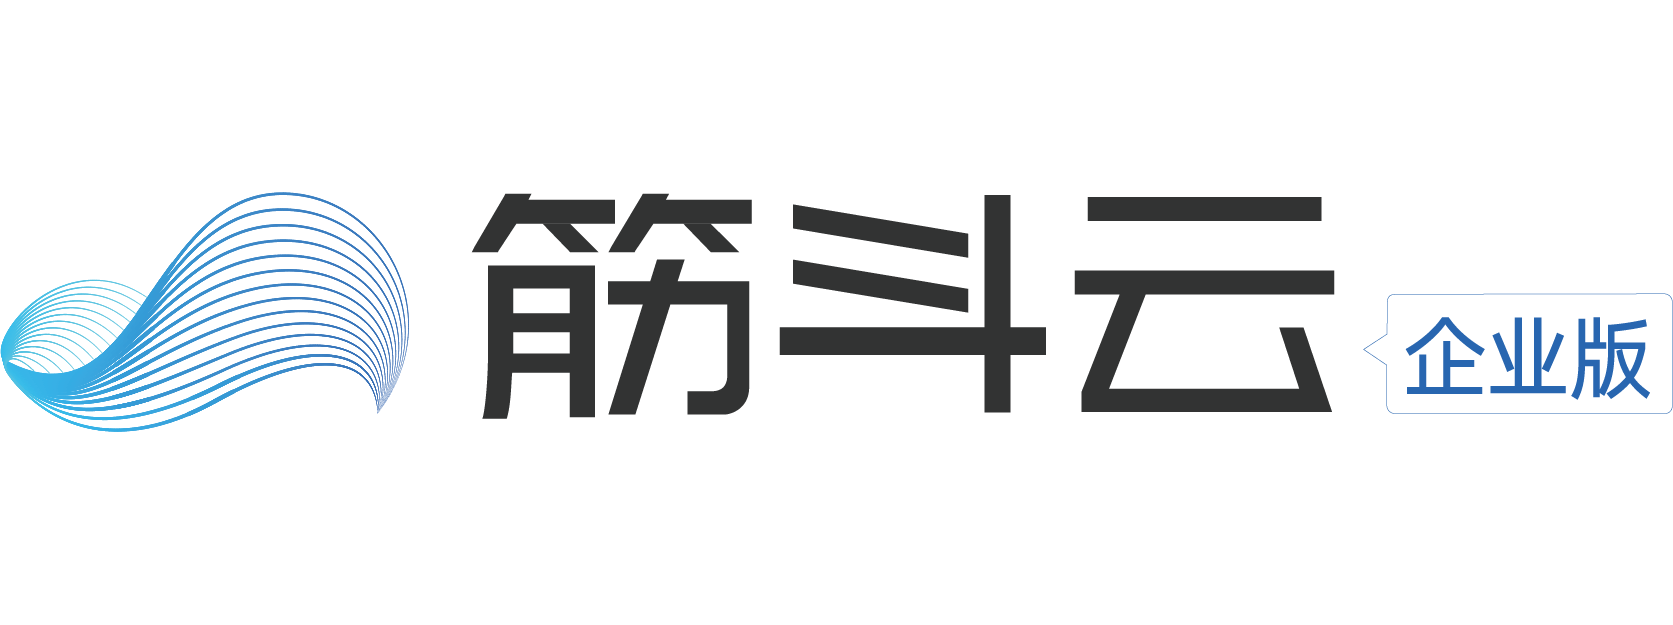 筋斗云(企业版)